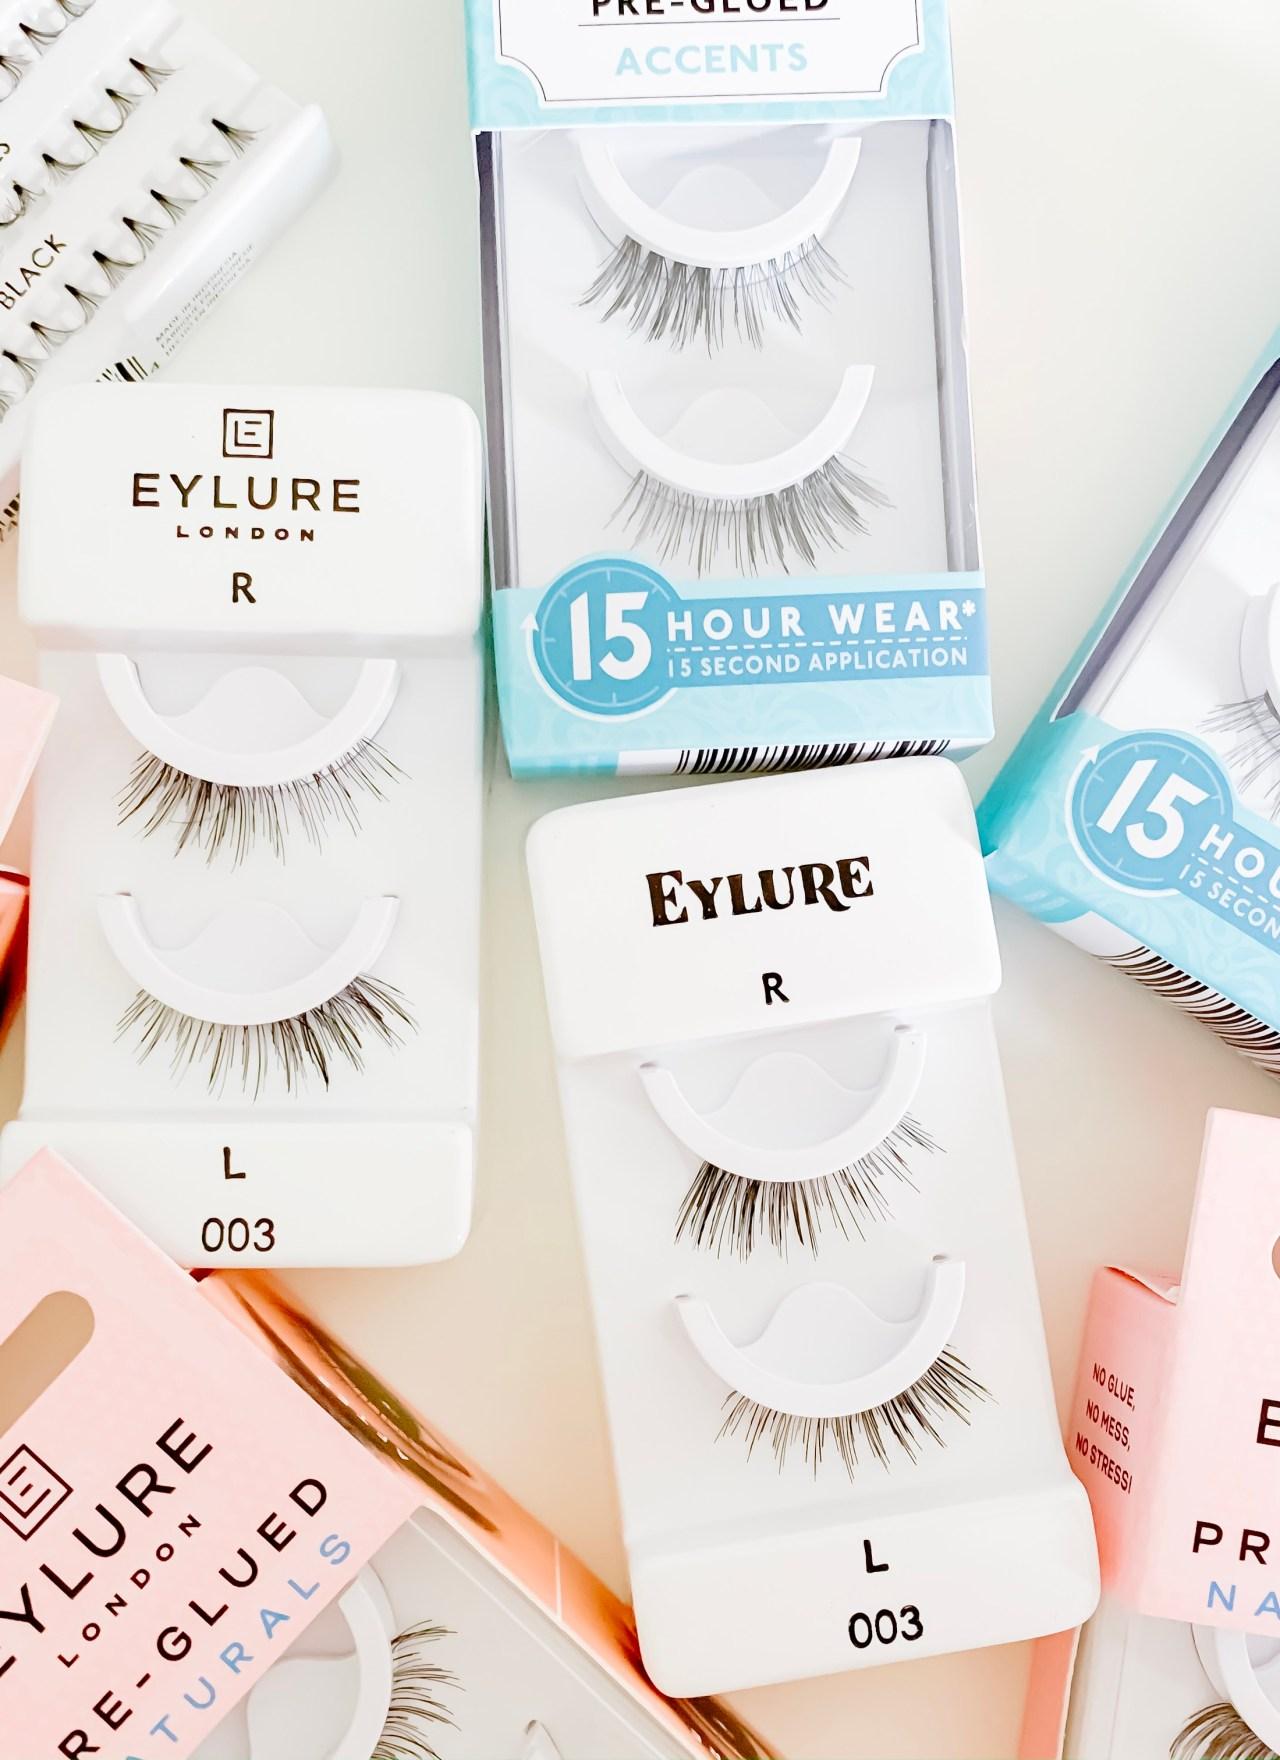 THE EASIEST WAY TO APPLY FALSE EYELASHES | I am sharing my best tips and the easiest way to apply false eyelashes on the blog today, along with my 2 favorite kinds of false lashes.